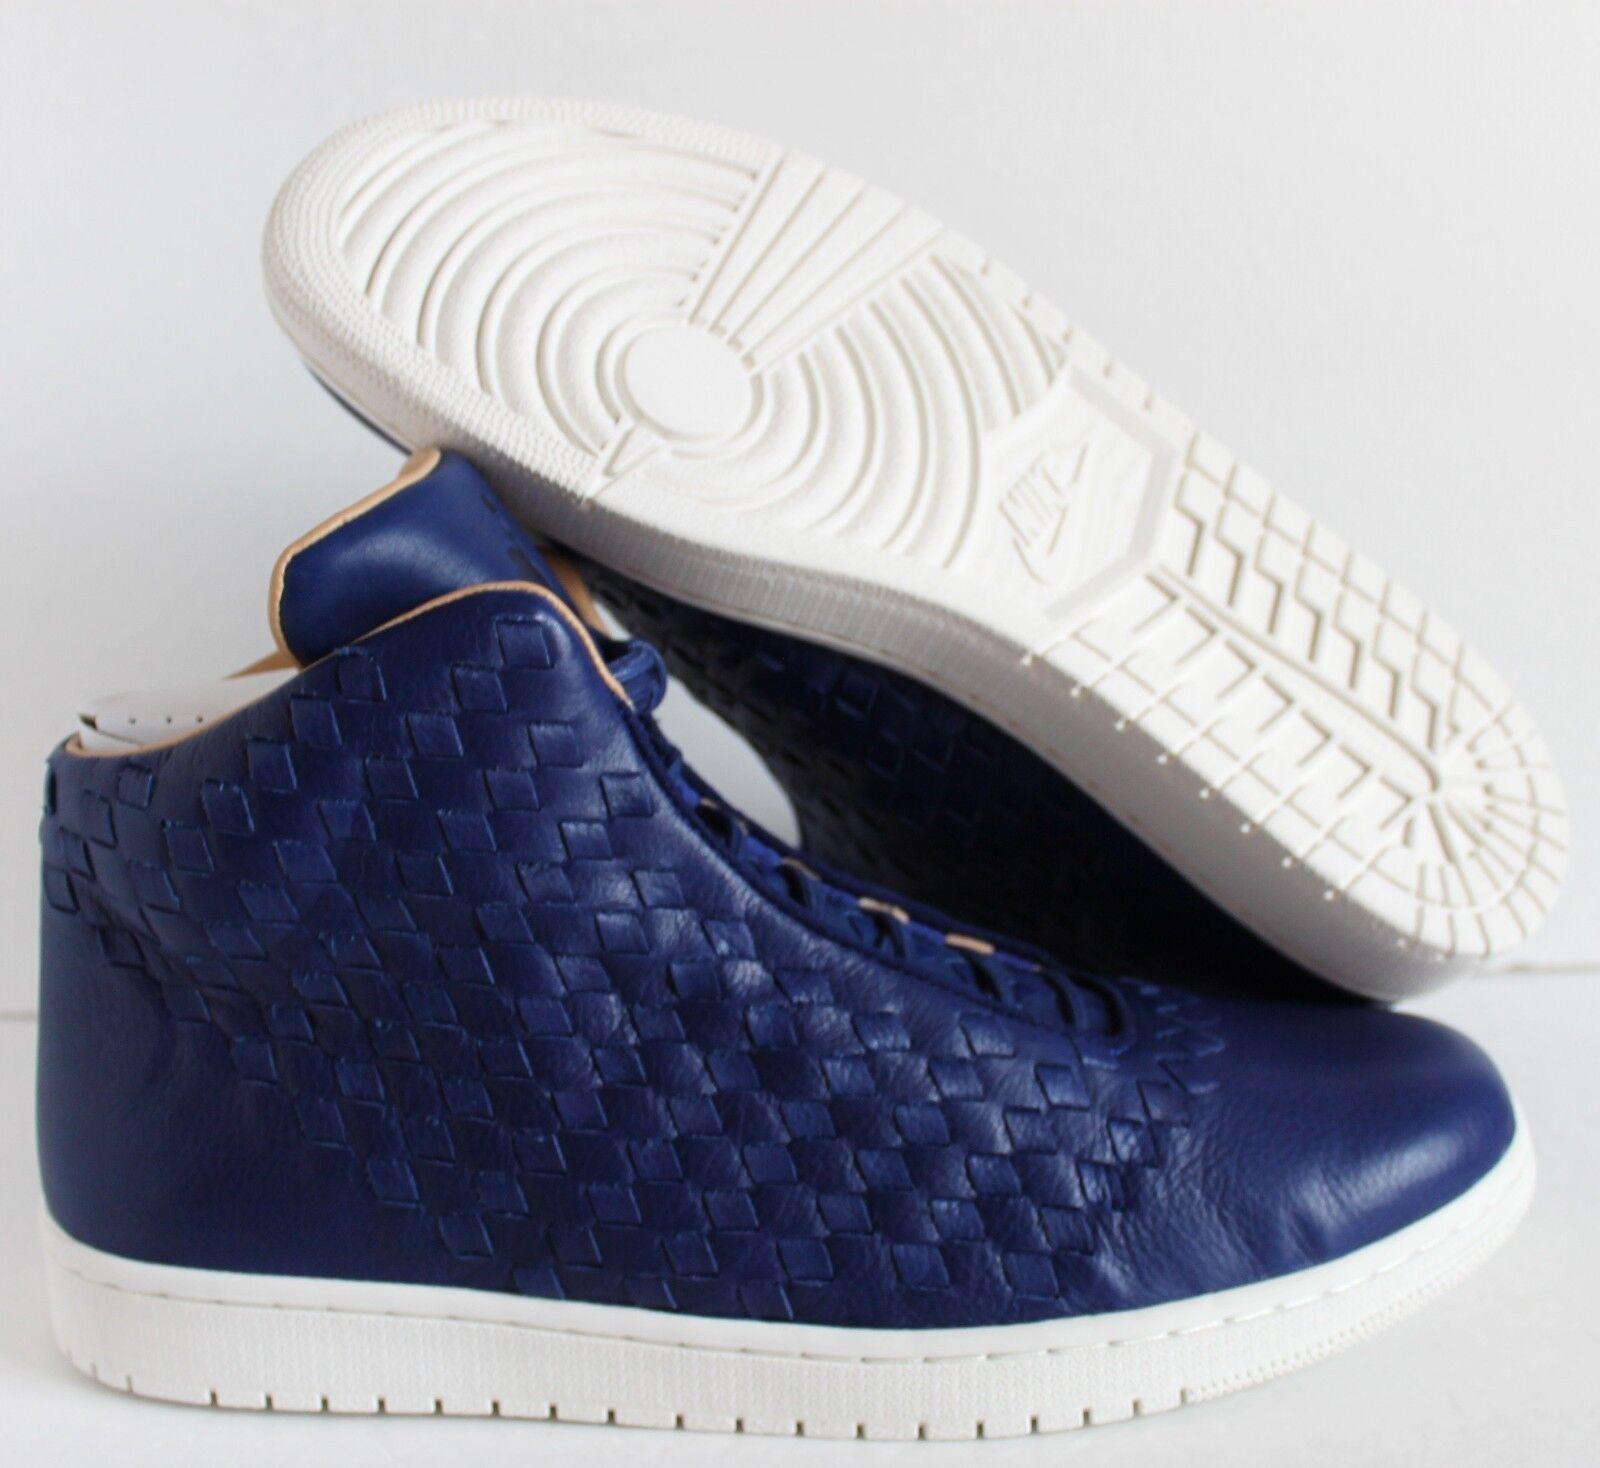 Nike Style Air Jordan 6 Retro